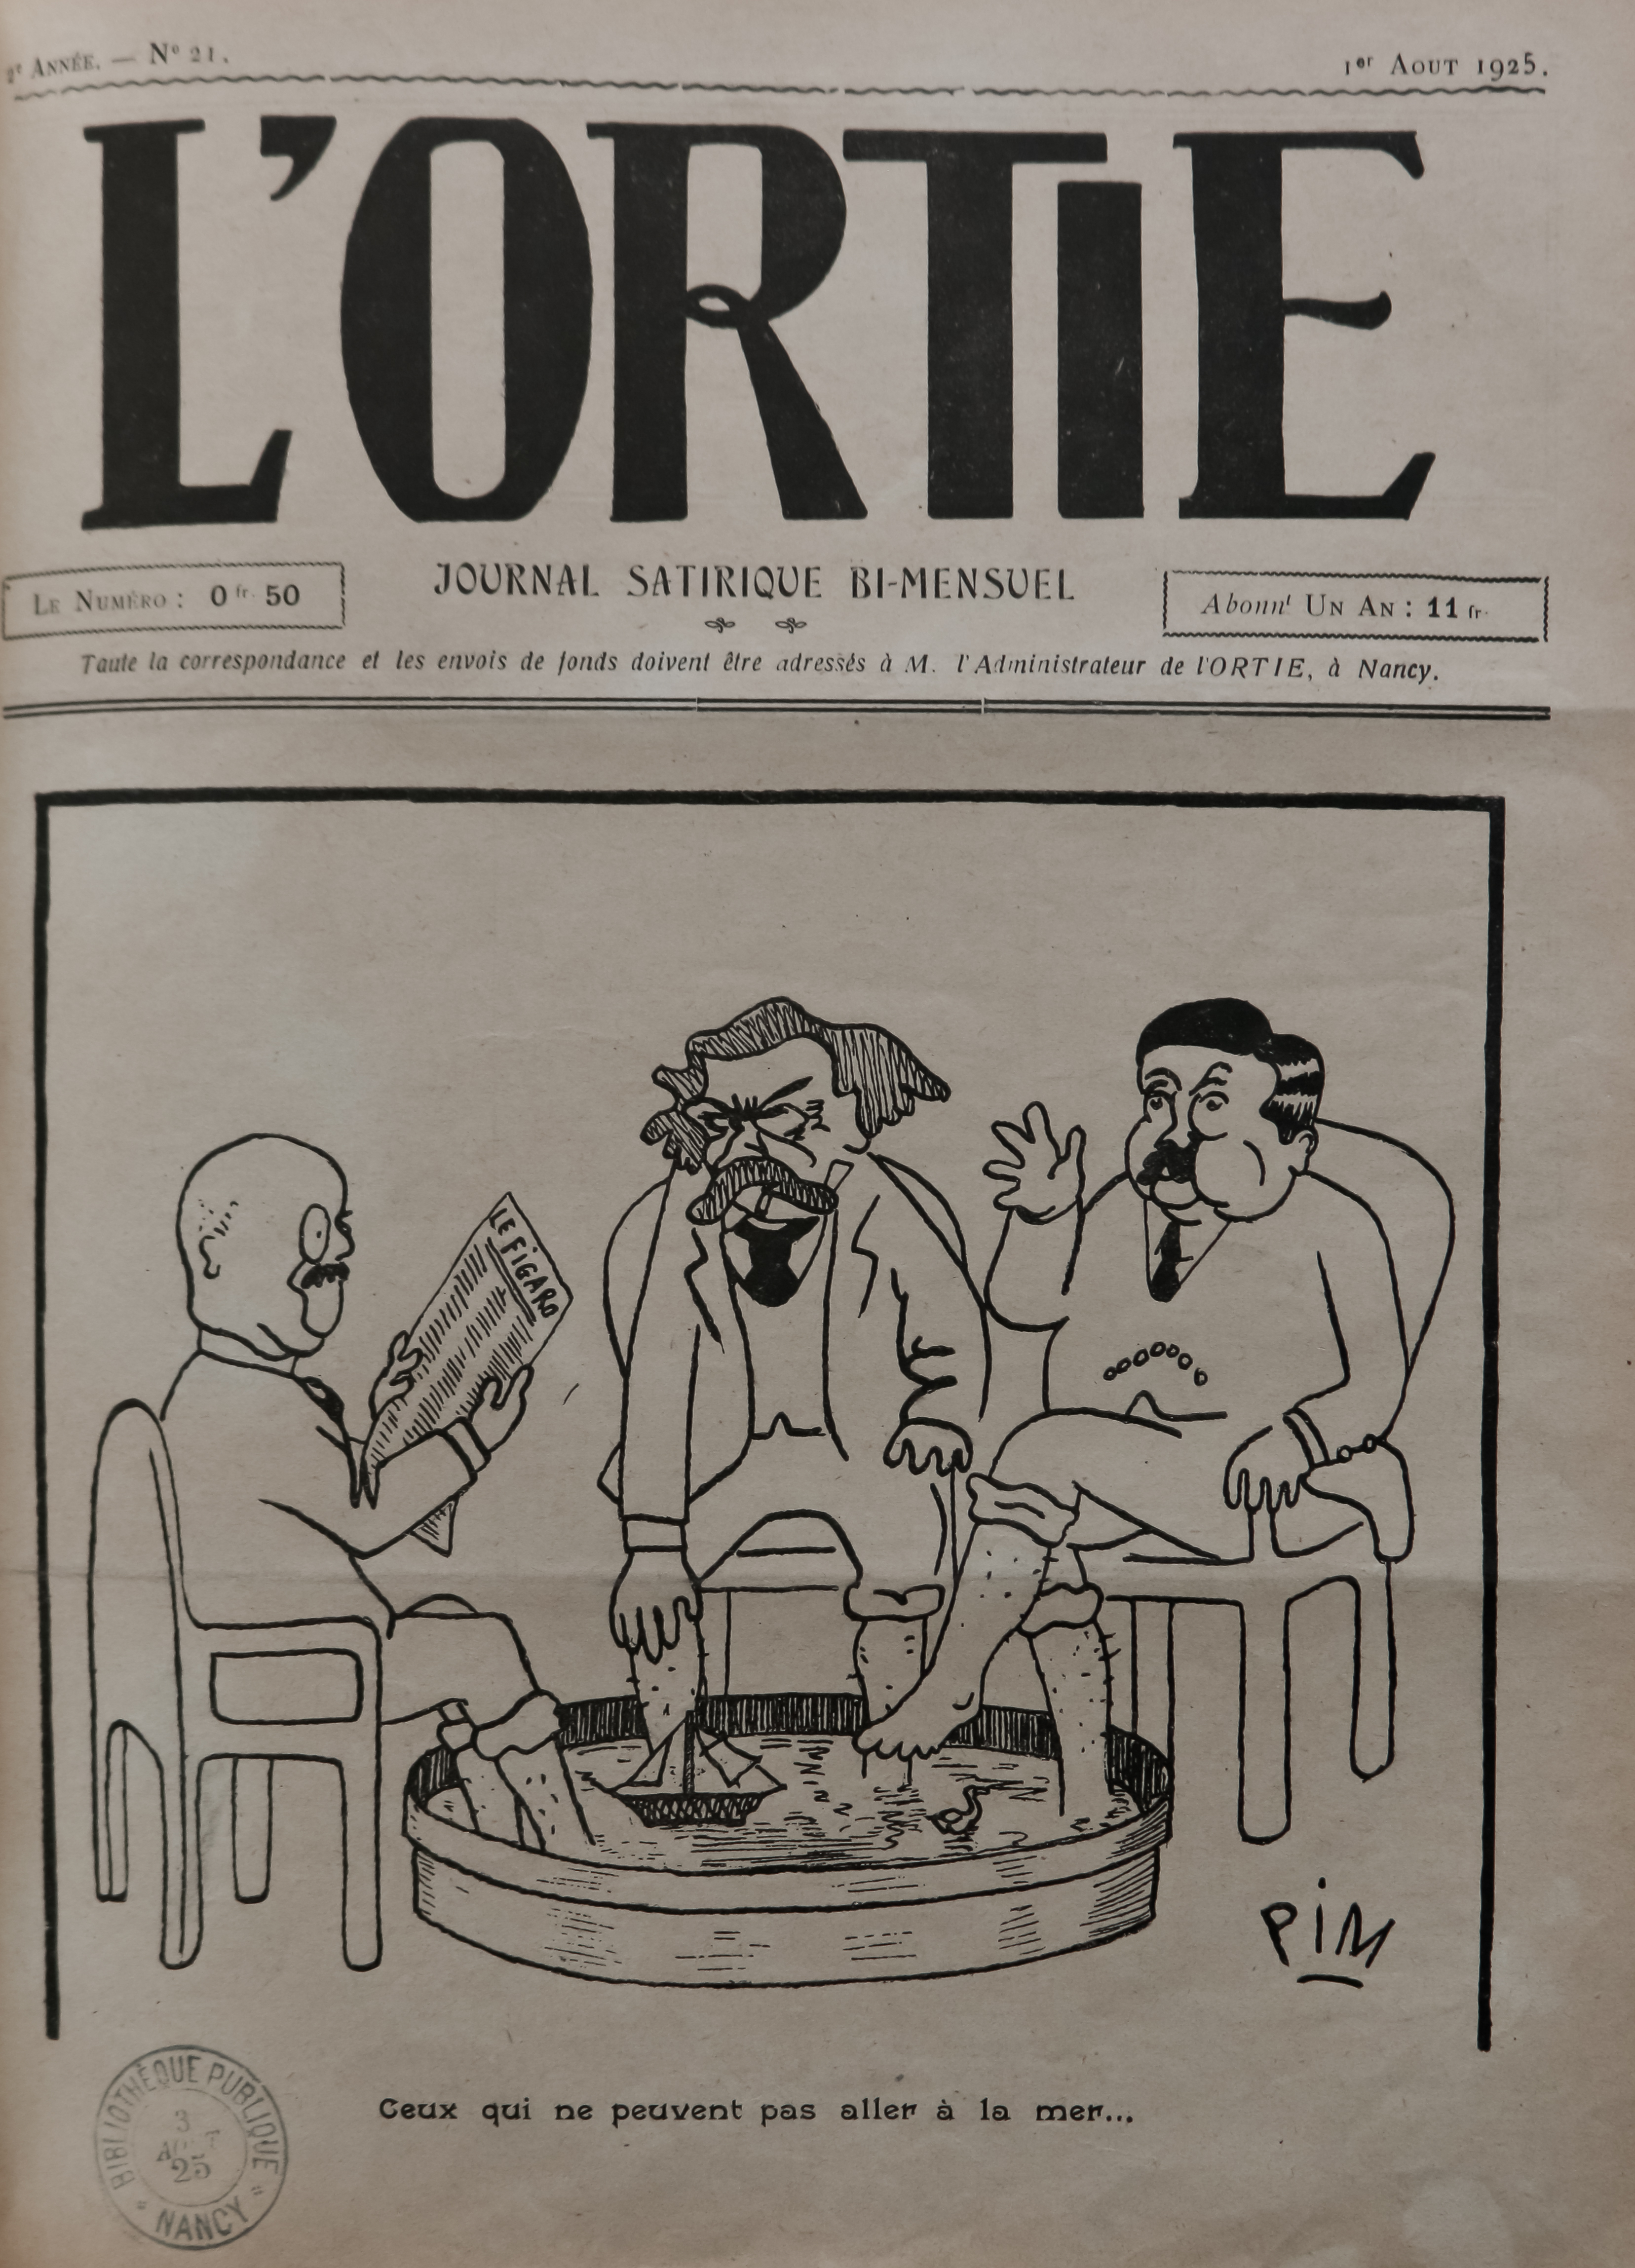 Contenu du L'ortie : No. 21, p. 1